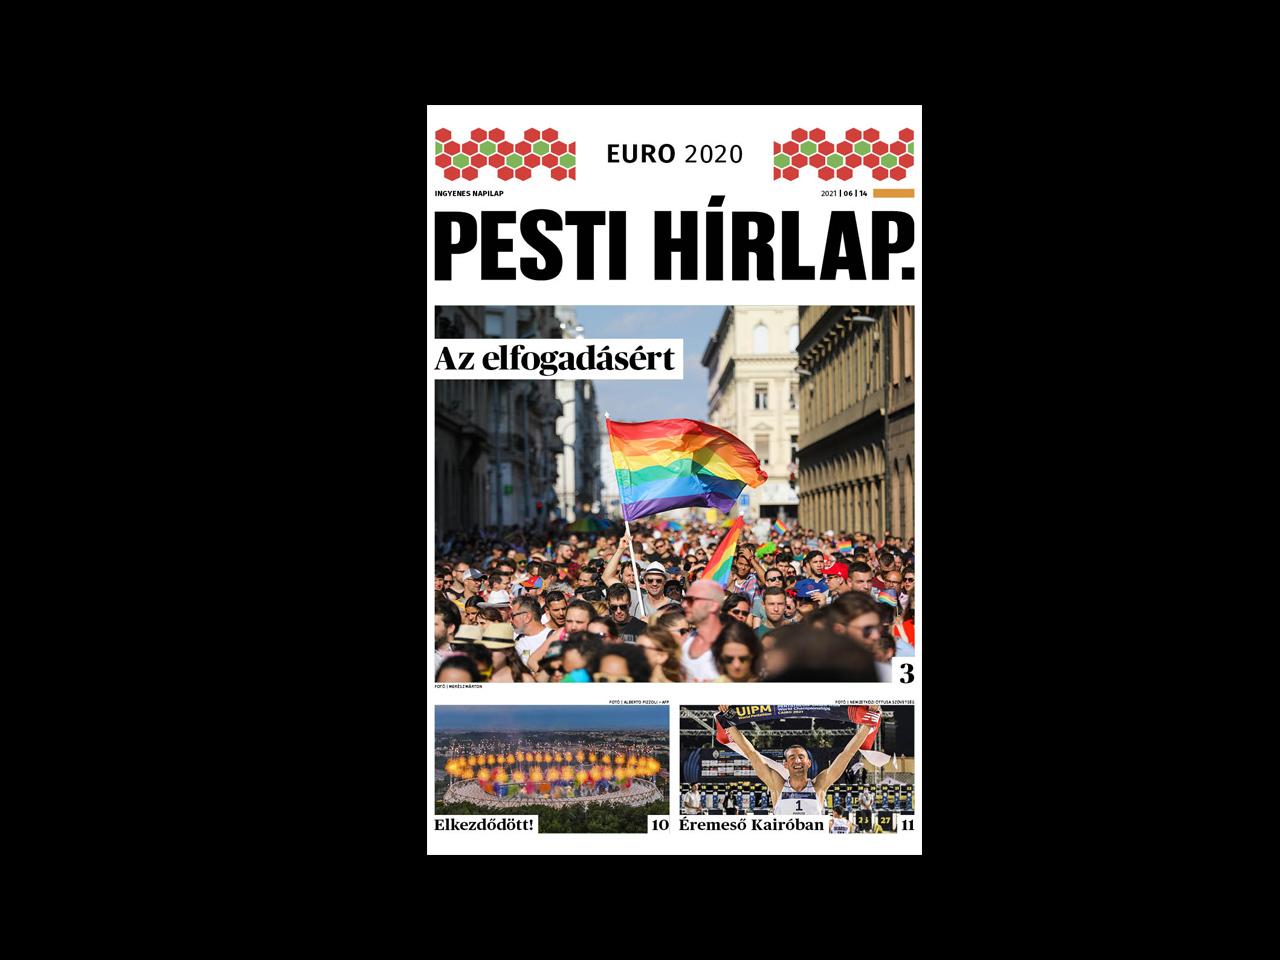 A melegellenes módosítások ellen tüntetnek; elkezdődött az Európa-bajnokság – Megjelent a Pesti Hírlap